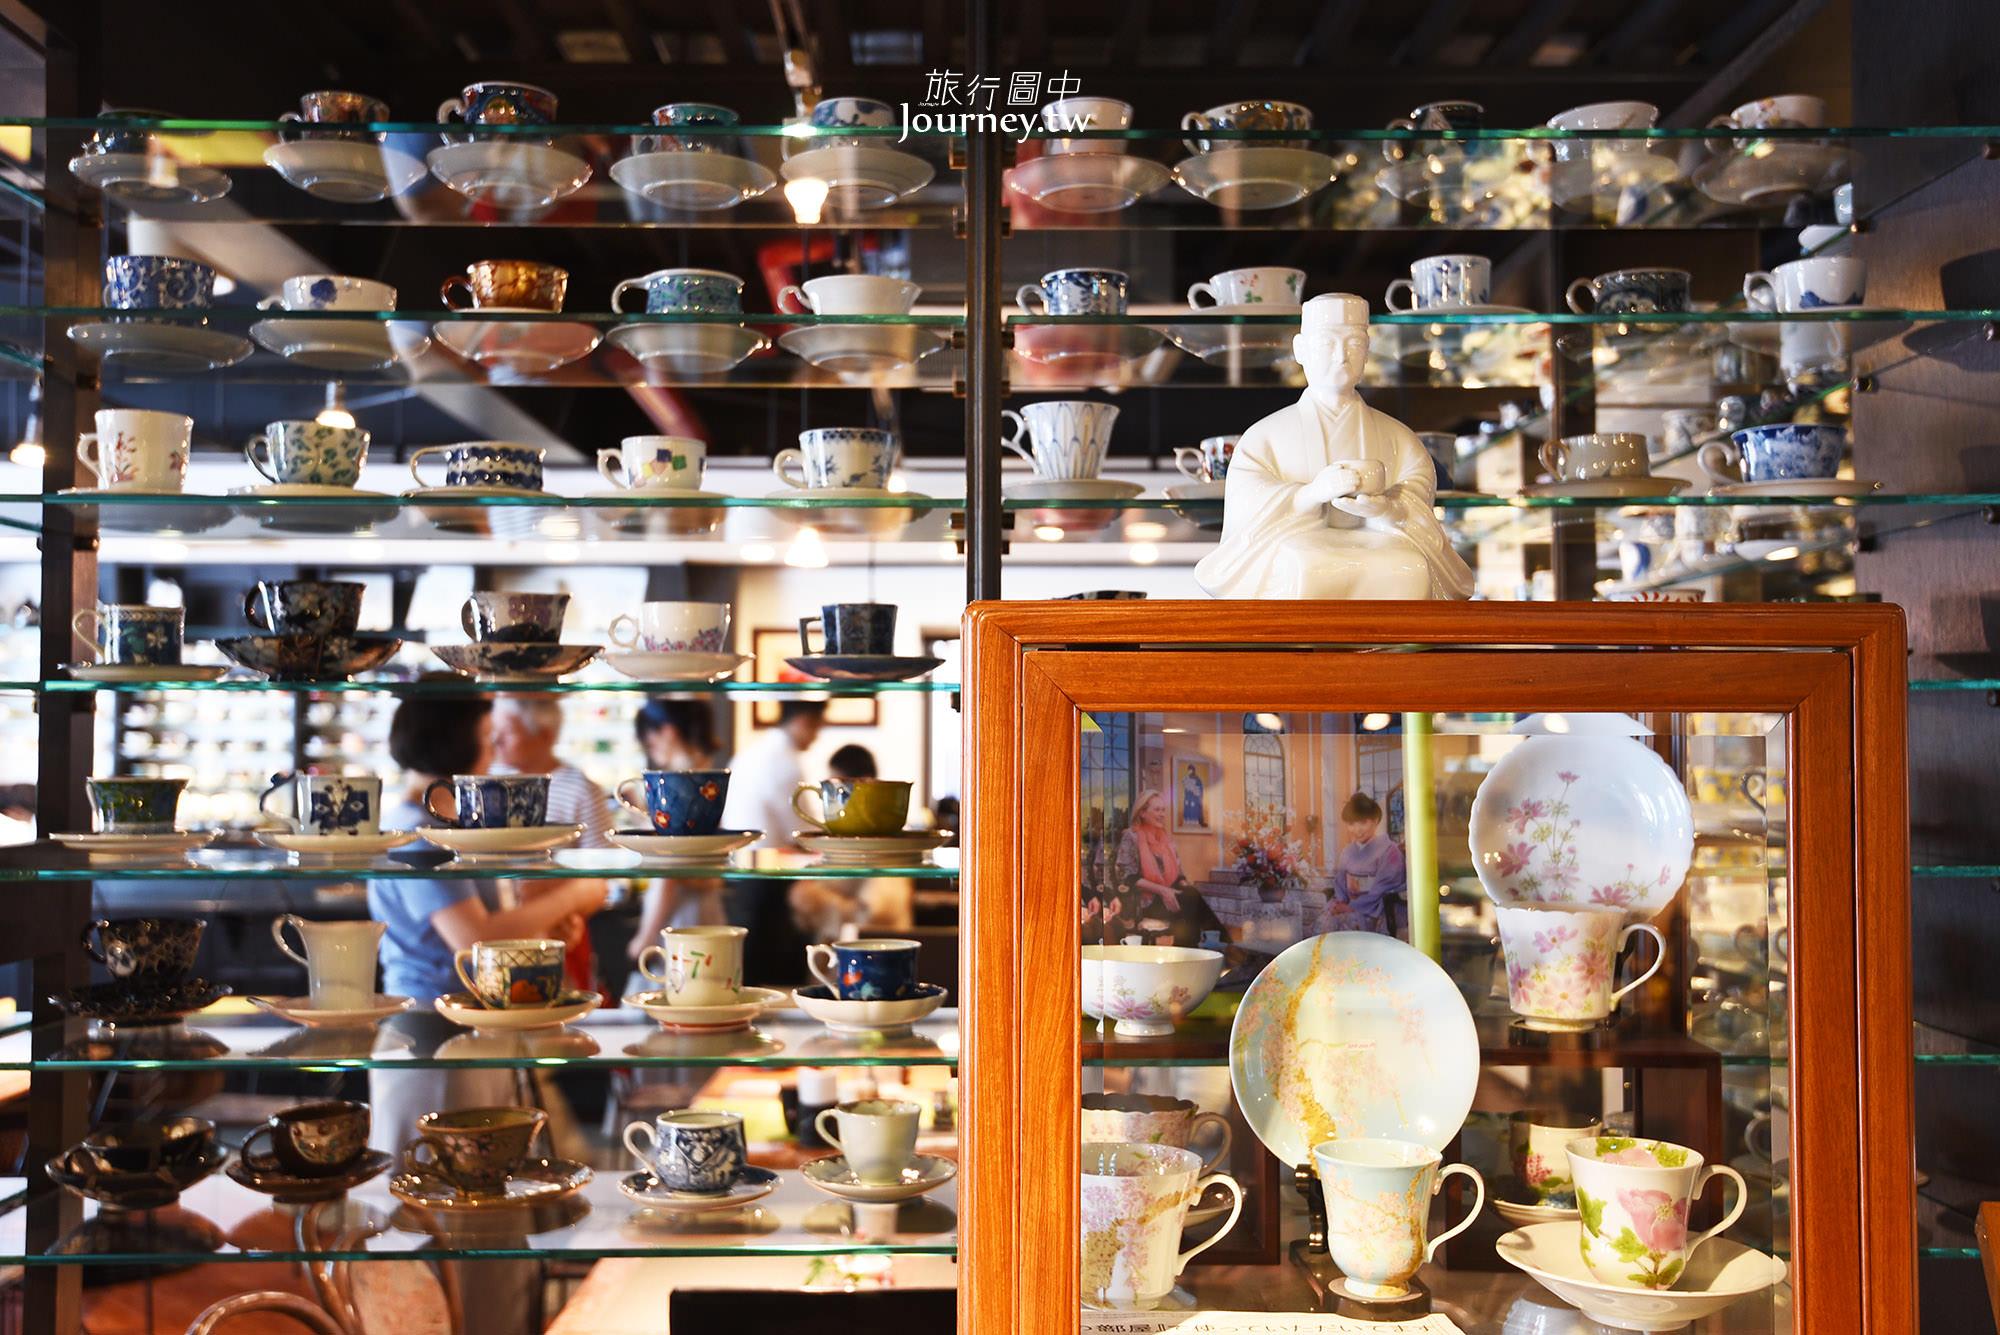 日本,佐賀,有田,有田燒咖啡廳,Gallery Arita